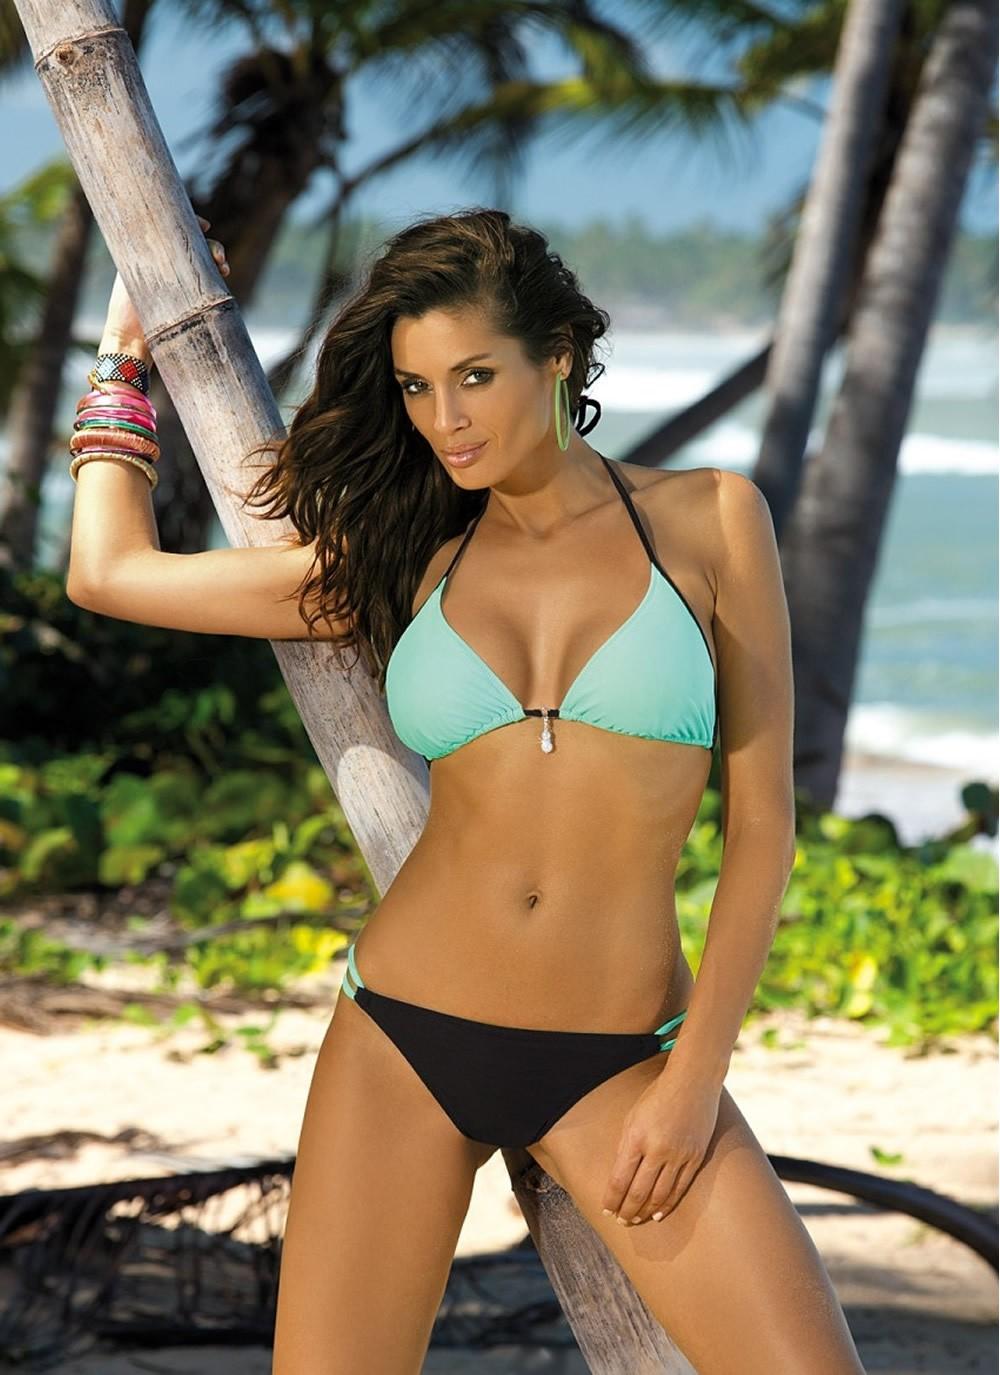 Erica Triangle Bikini Top